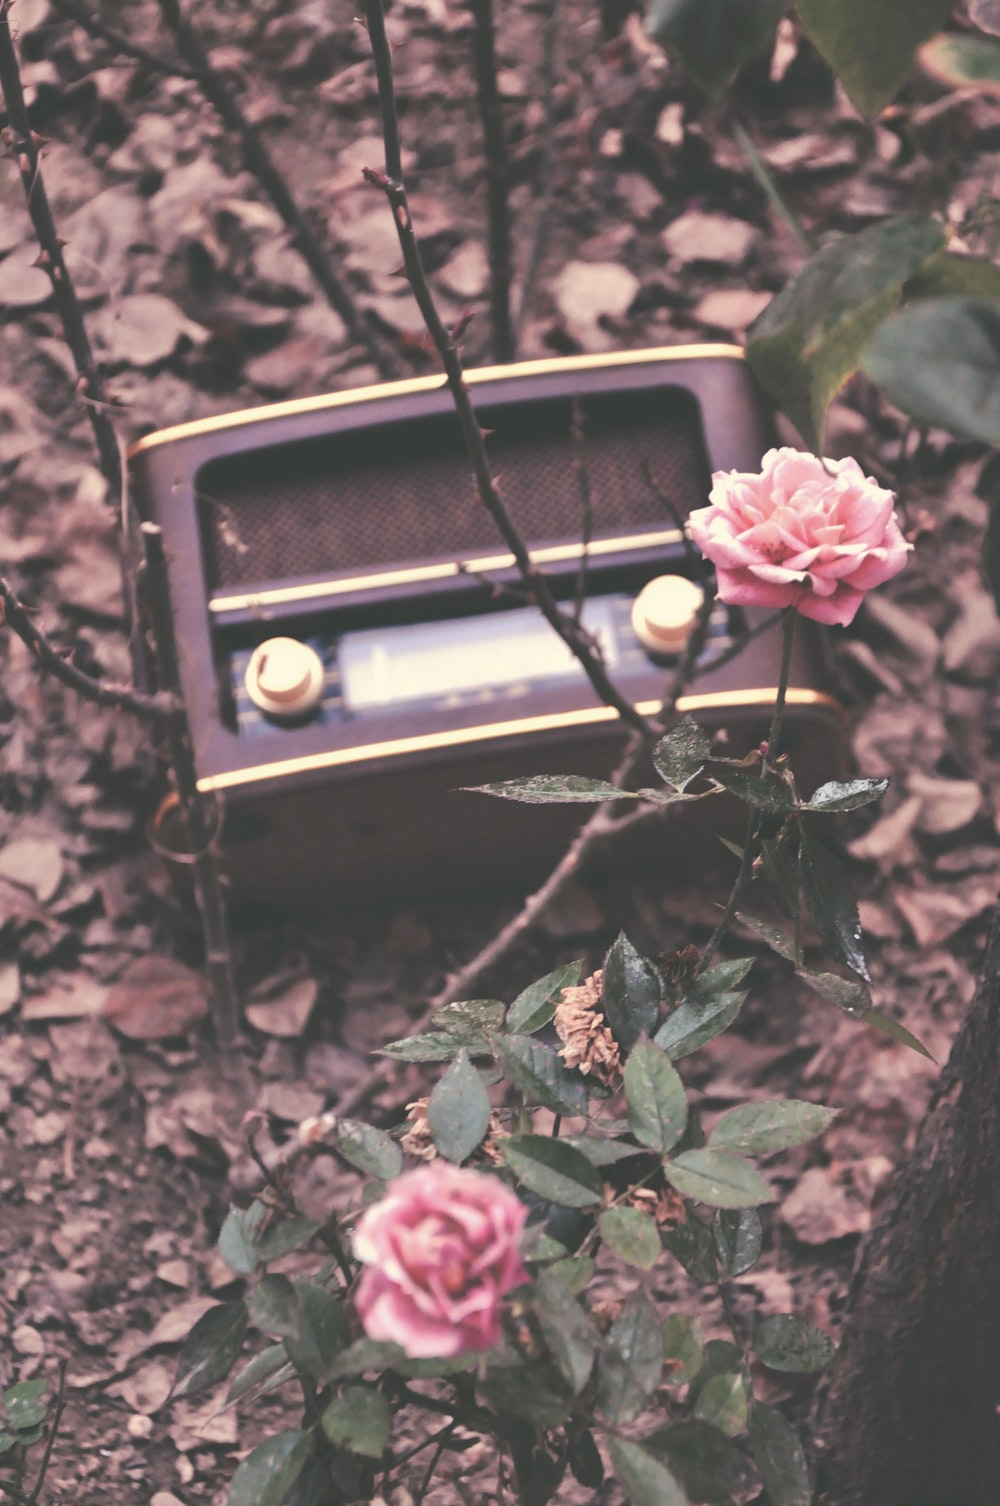 pink flowers beside brown and black radio